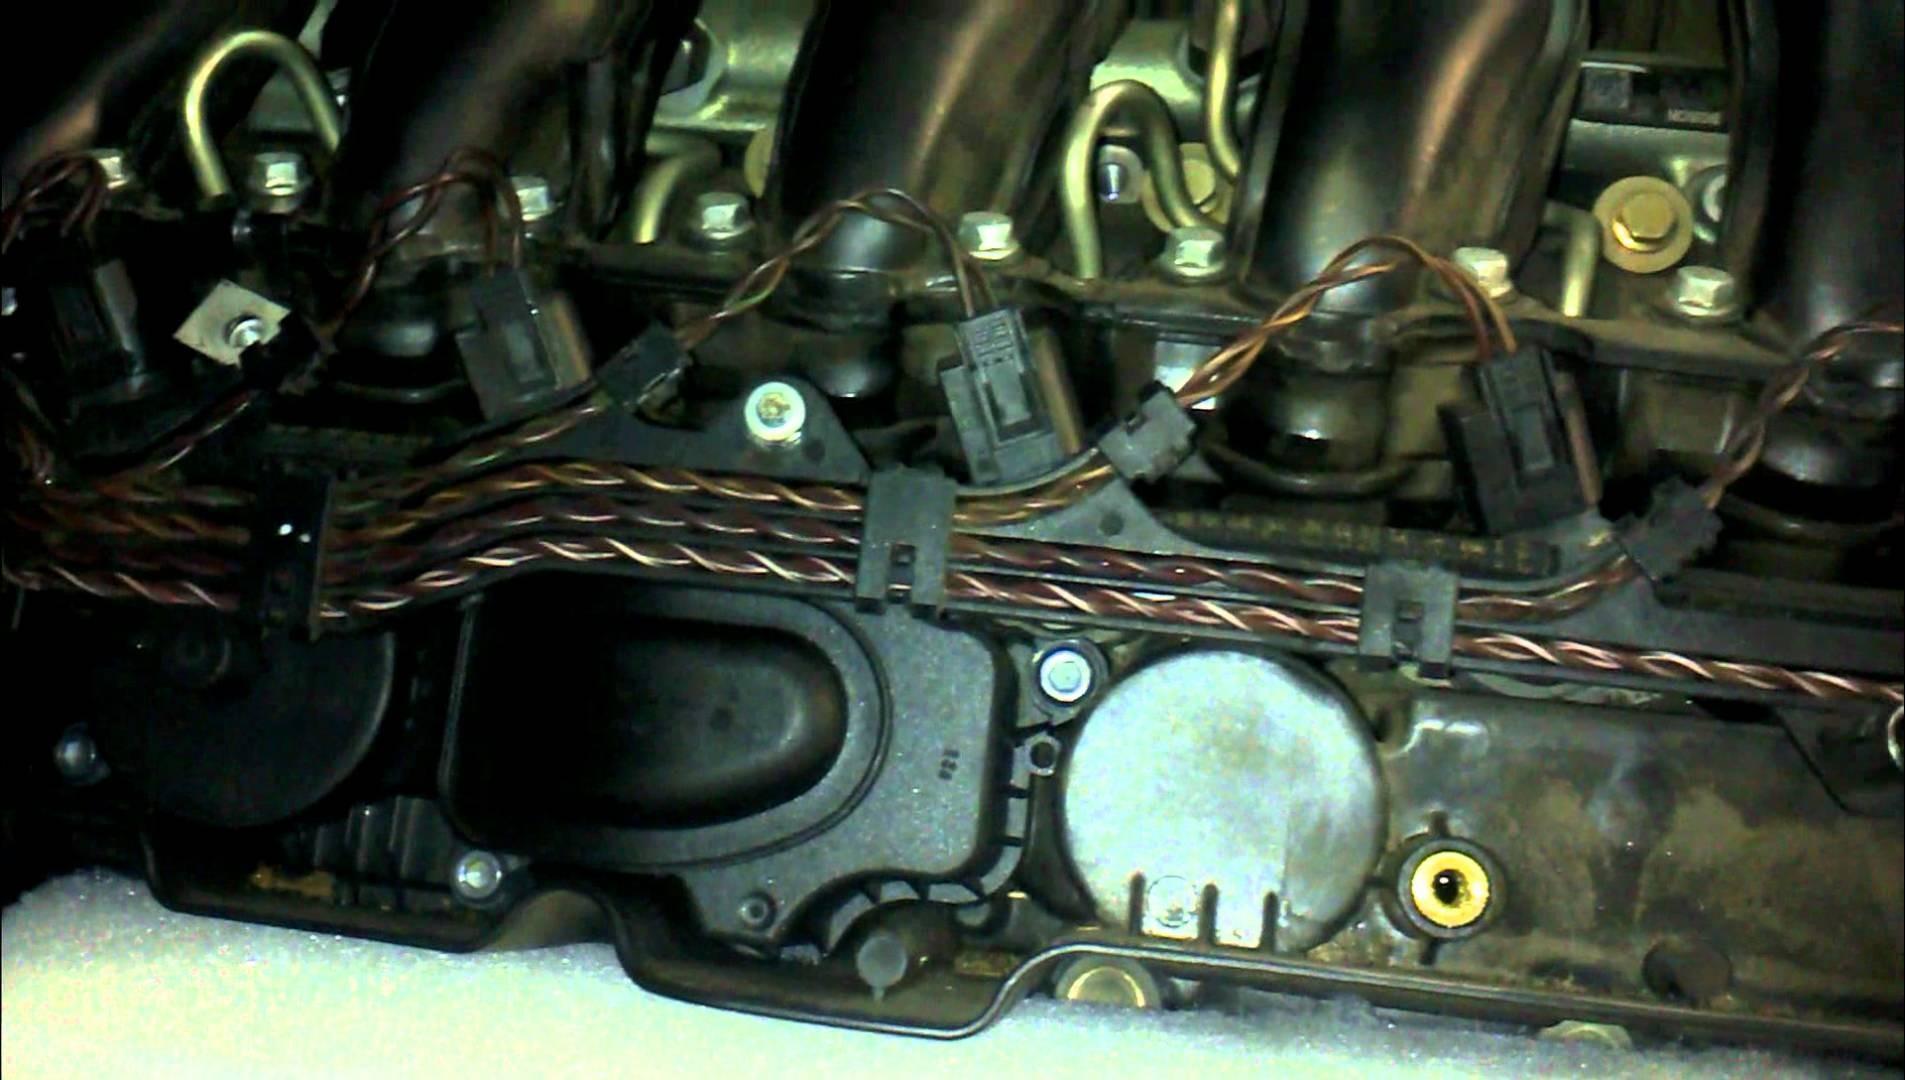 Pcv Valve System Diagram Pcv System Repair On A Volvo 5